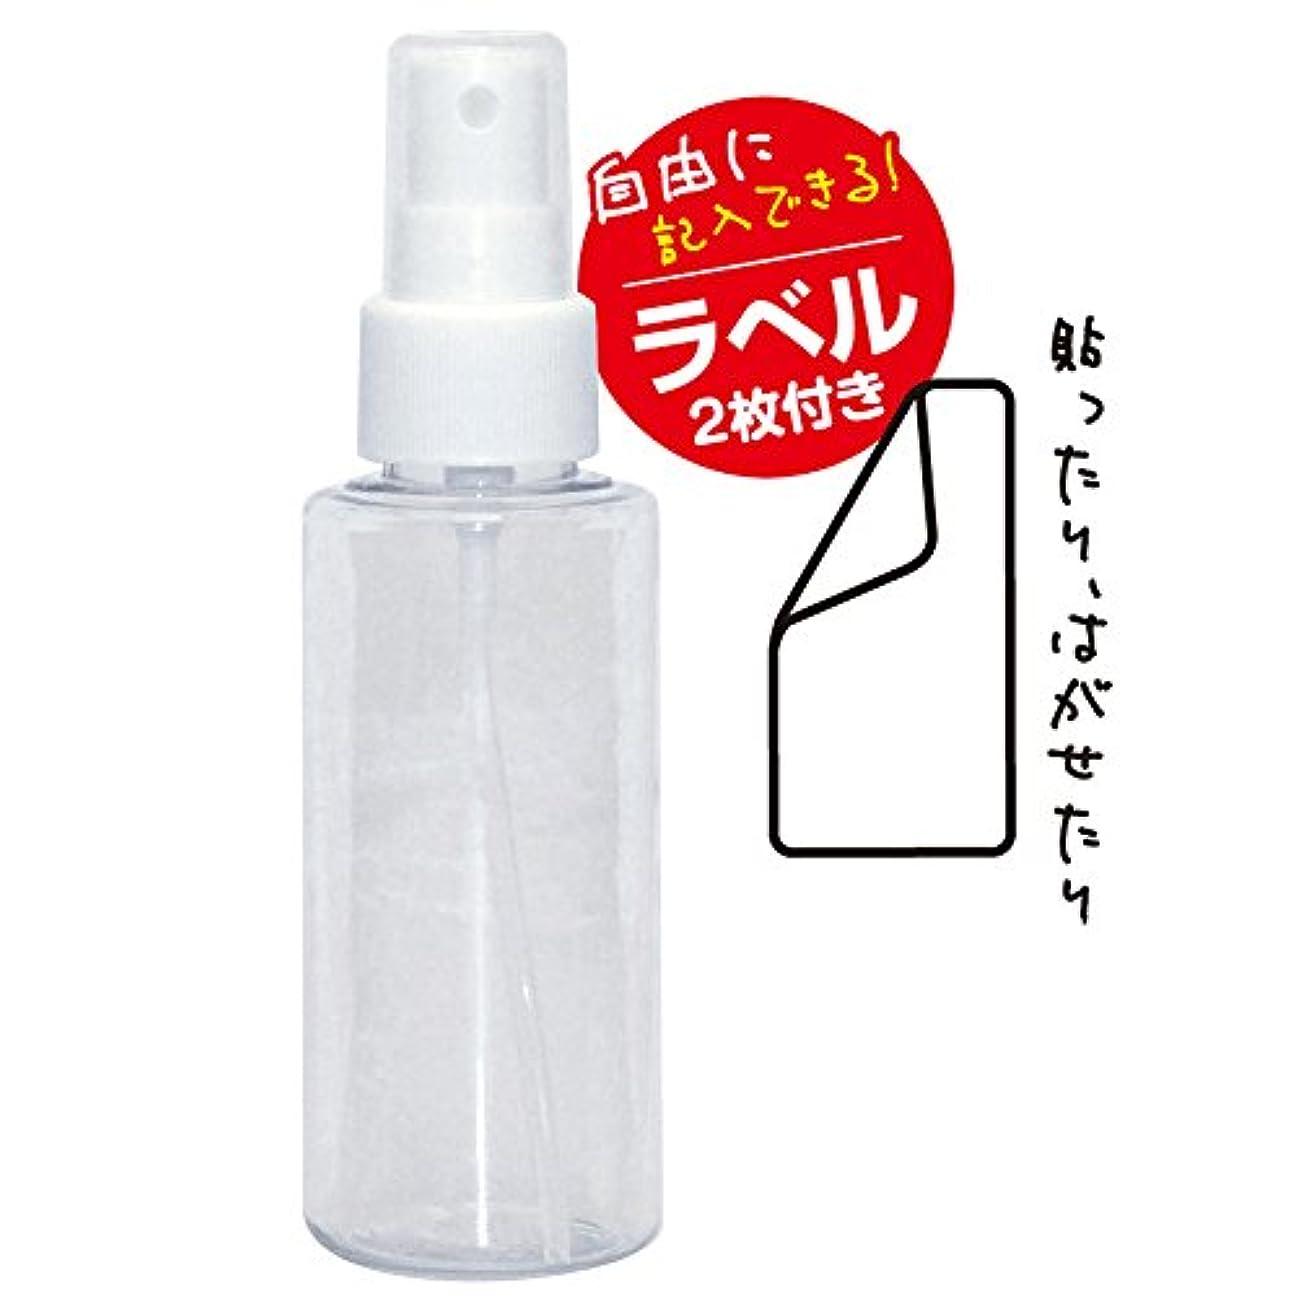 ガレージ?ゼロ PET スプレーボトル 100ml/GZSQ01